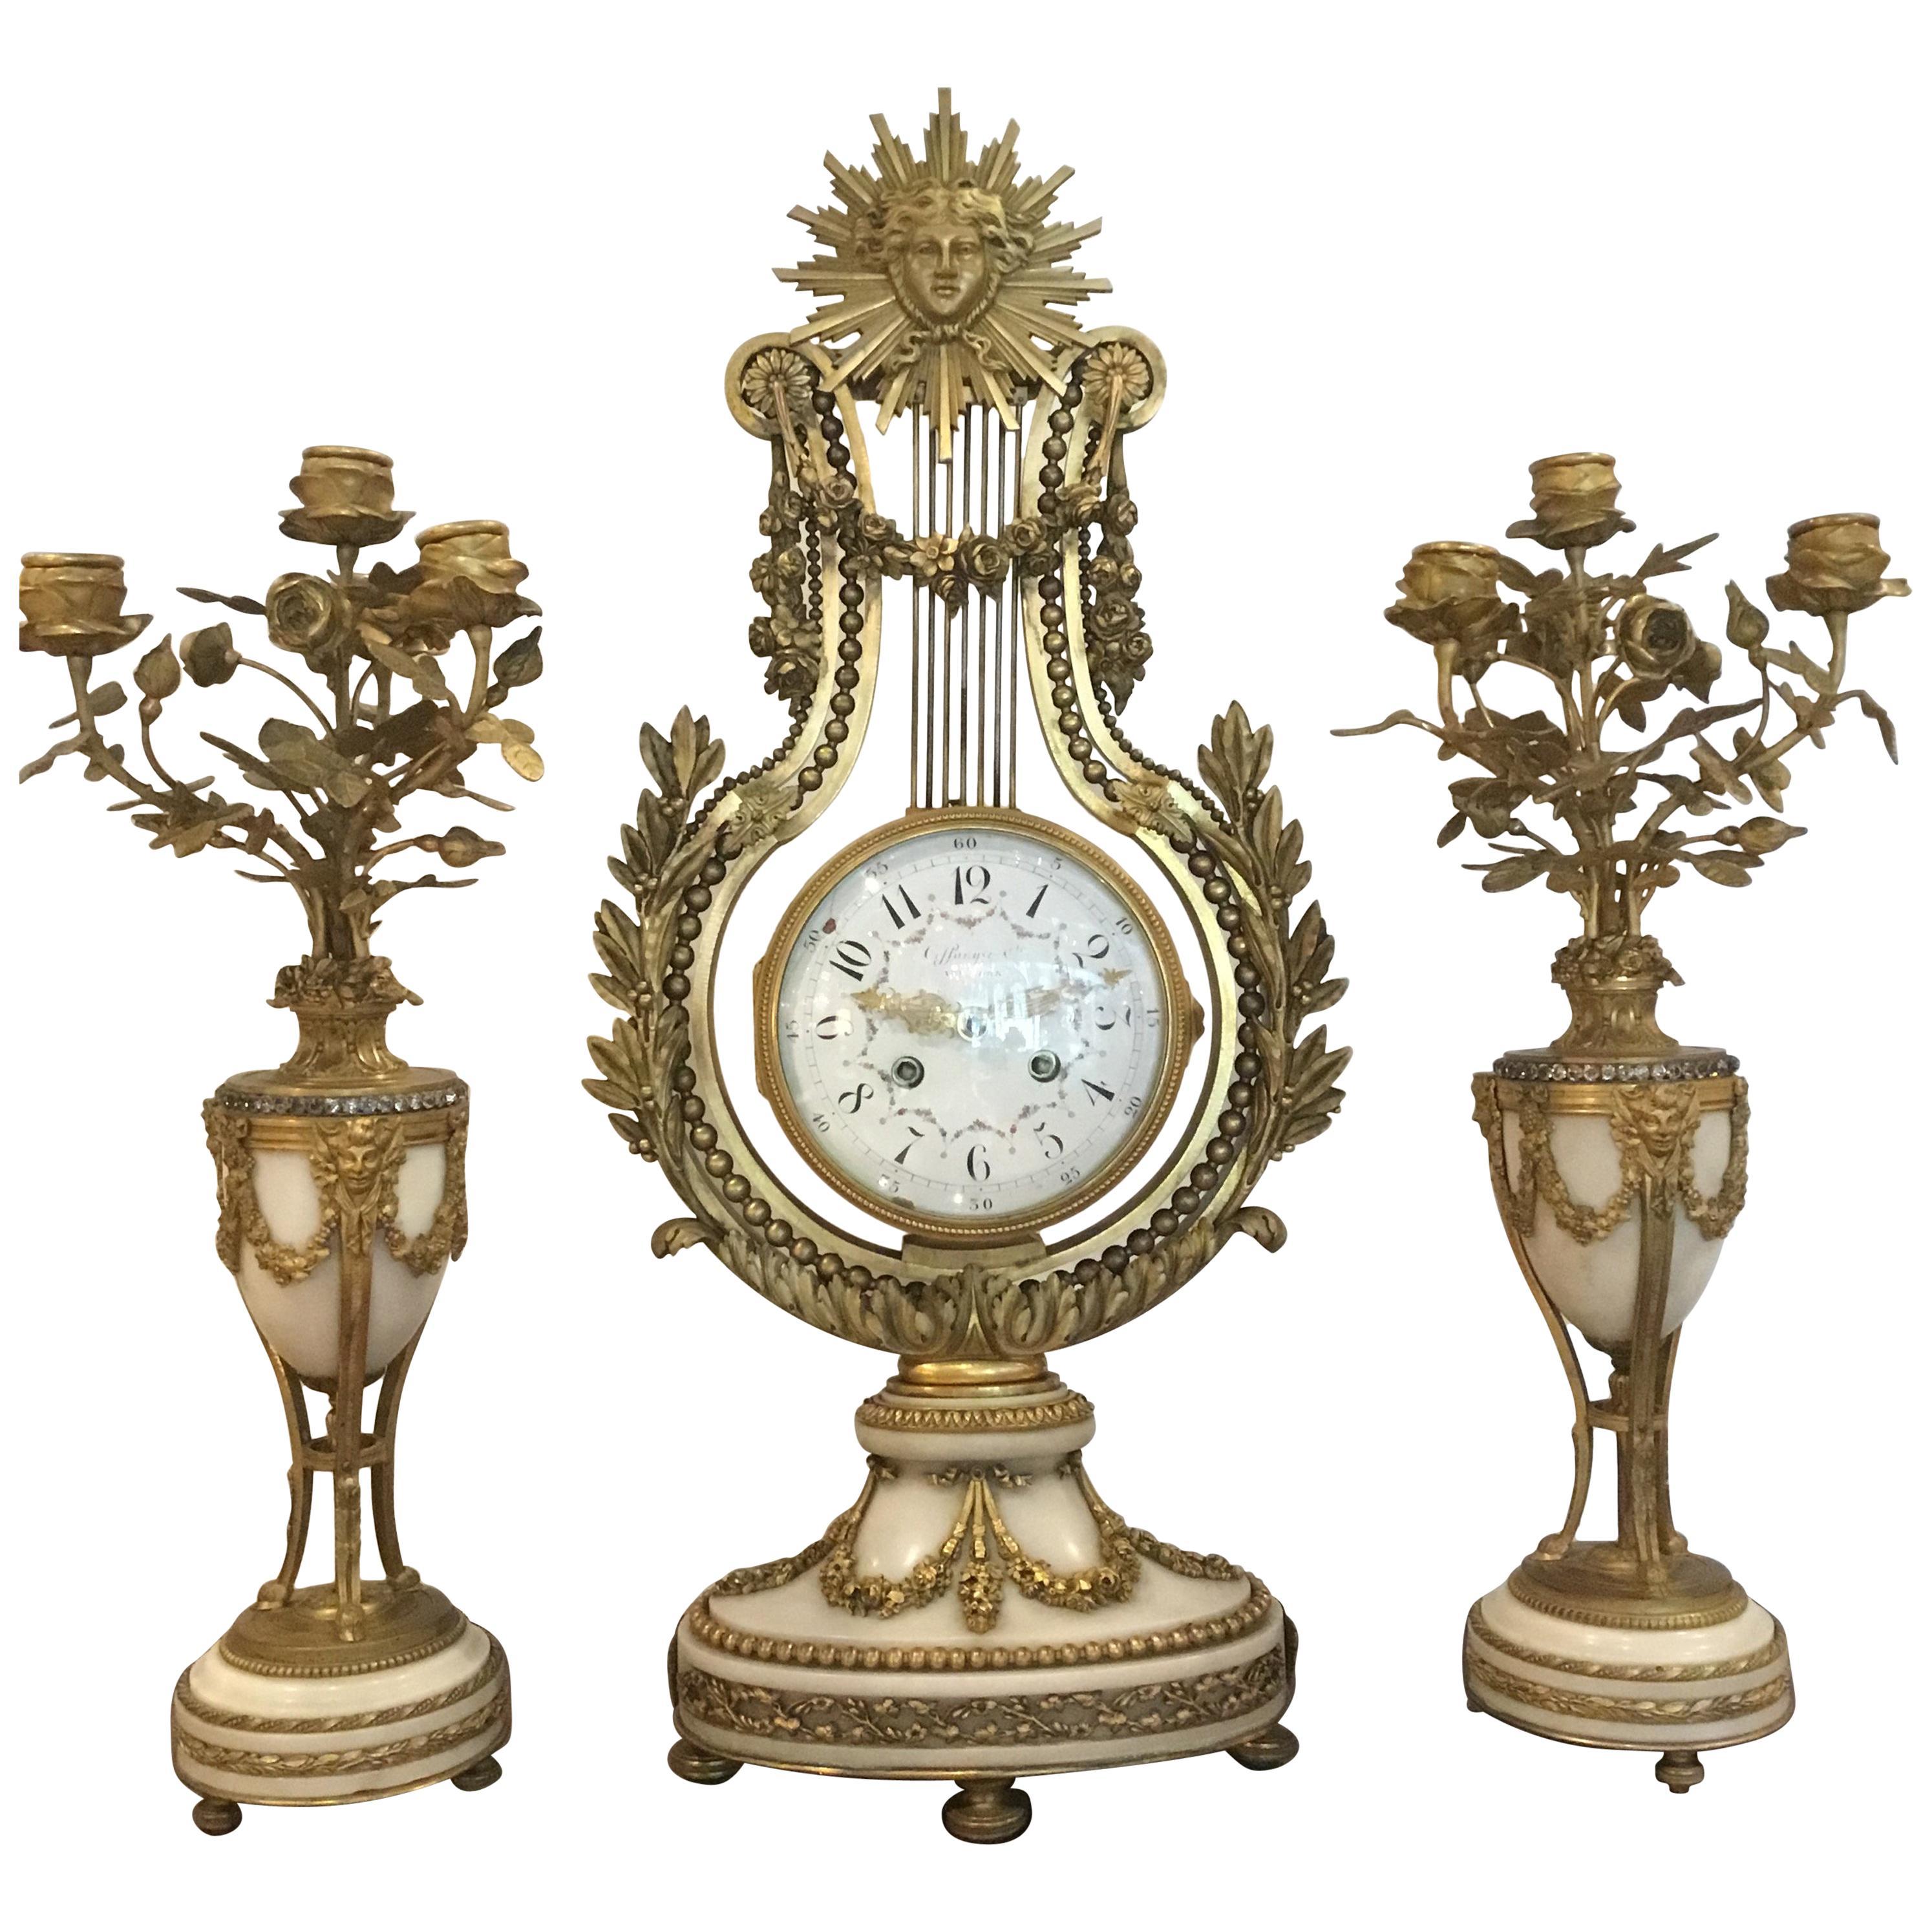 French Three-Piece Gilt Bronze Clock and Candelabrum Garniture Set, 19th Century